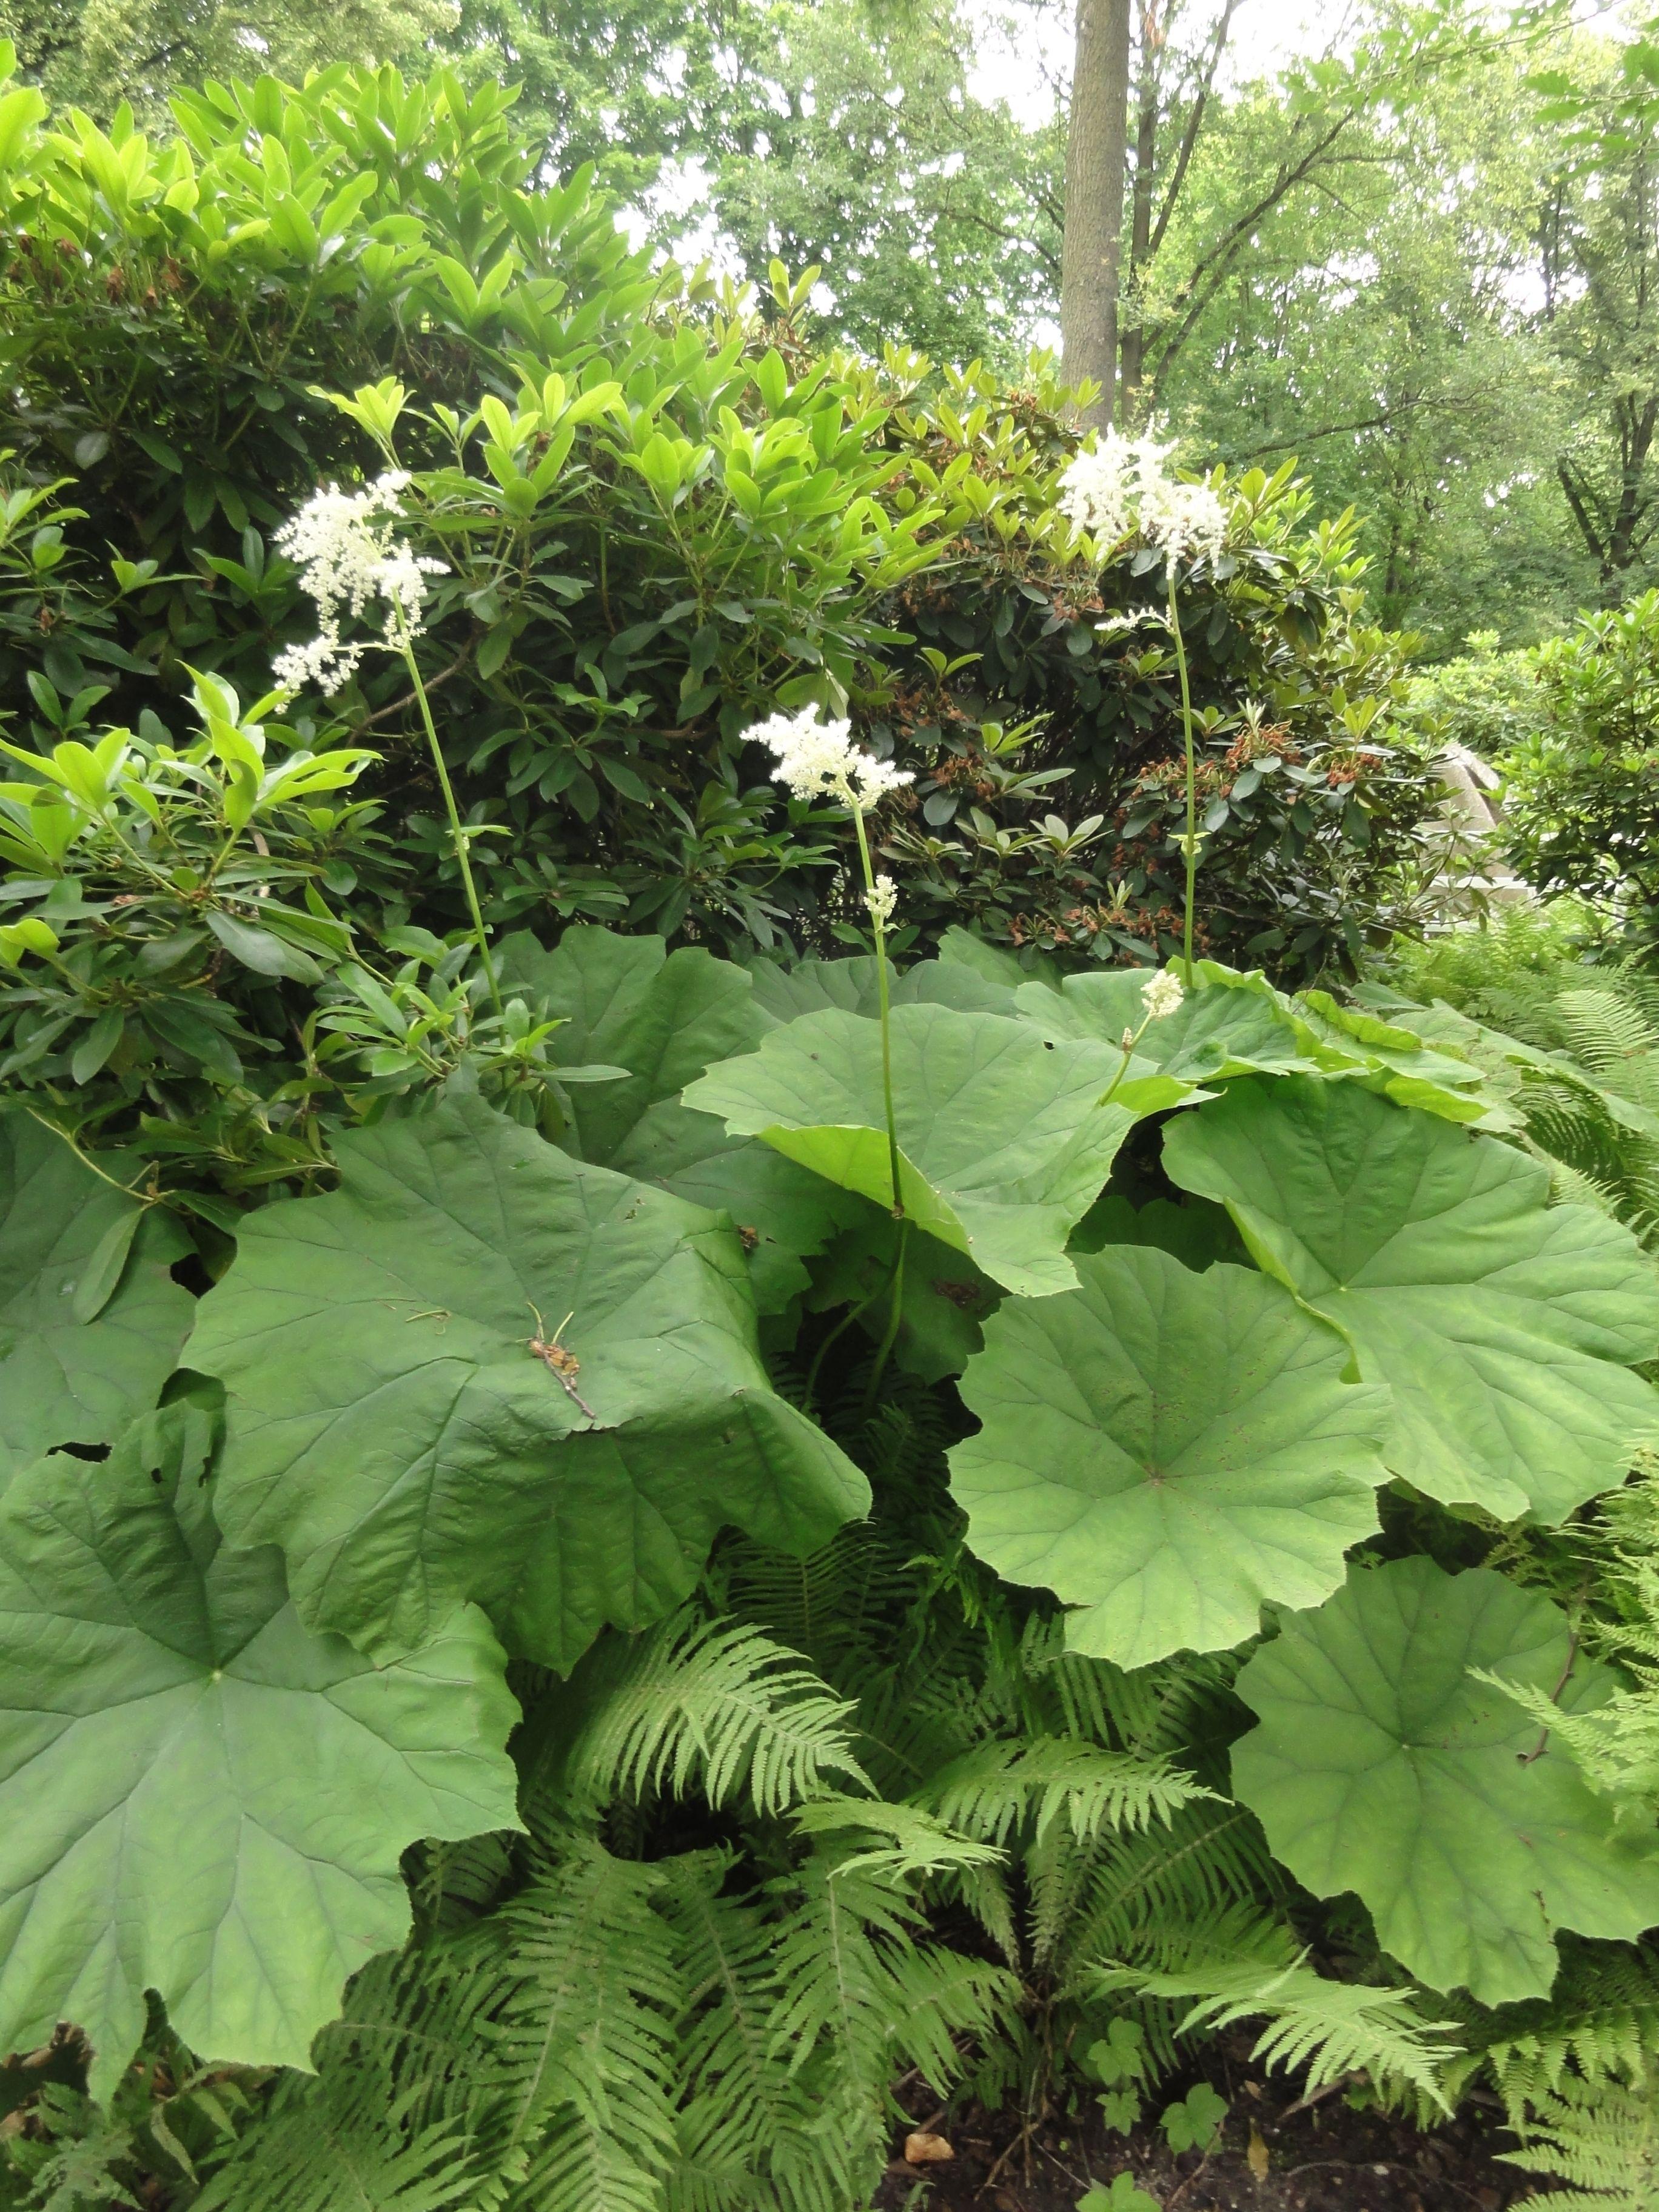 Pflanzen Schattig Trocken Pflanzen Vielfalt Der Saatgut Shop